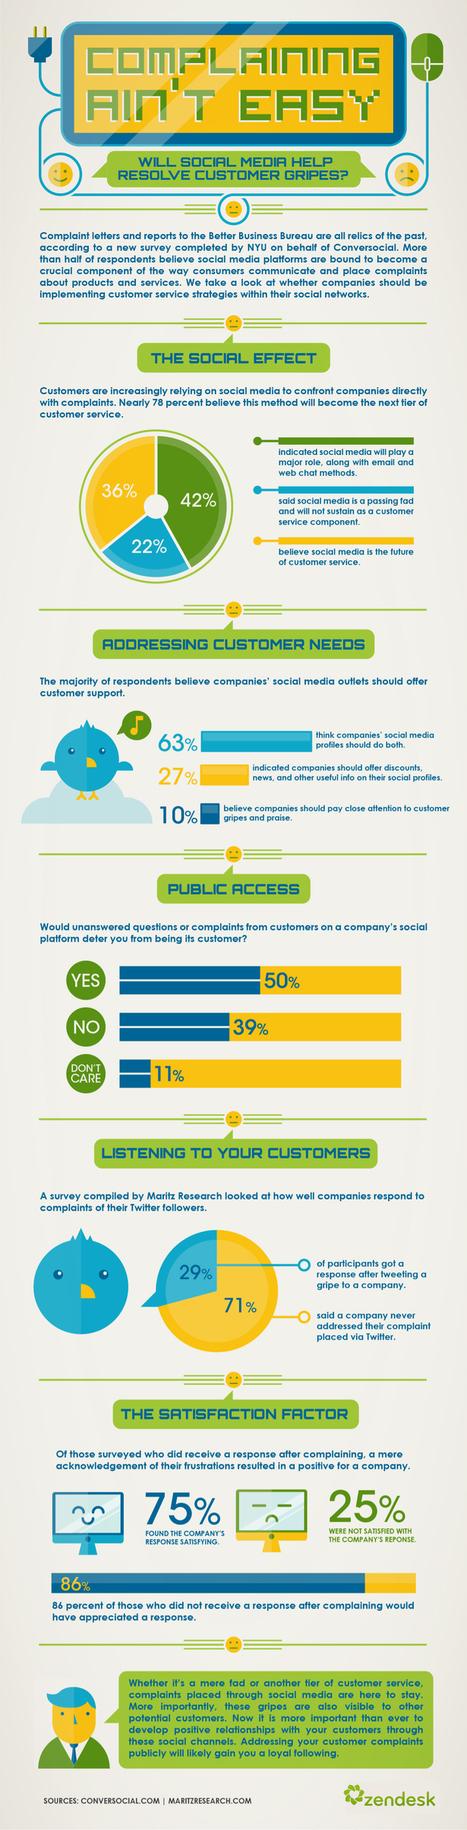 Is #SocialMedia The Future Of Customer Service? [INFOGRAPHIC] | Social Media e Innovación Tecnológica | Scoop.it